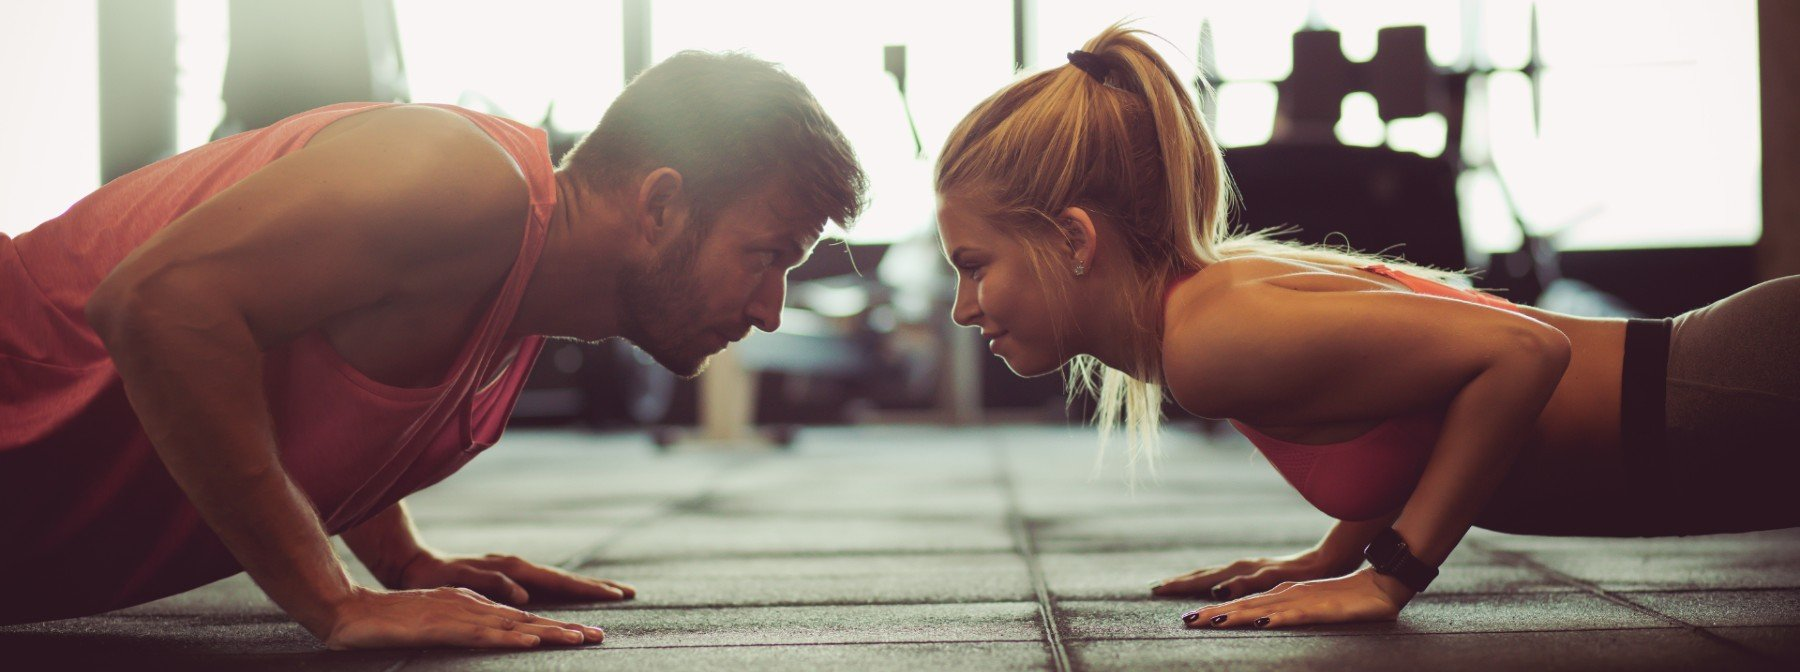 Aumentare massa muscolare velocemente? | Questo è quanto tempo ci vuole davvero